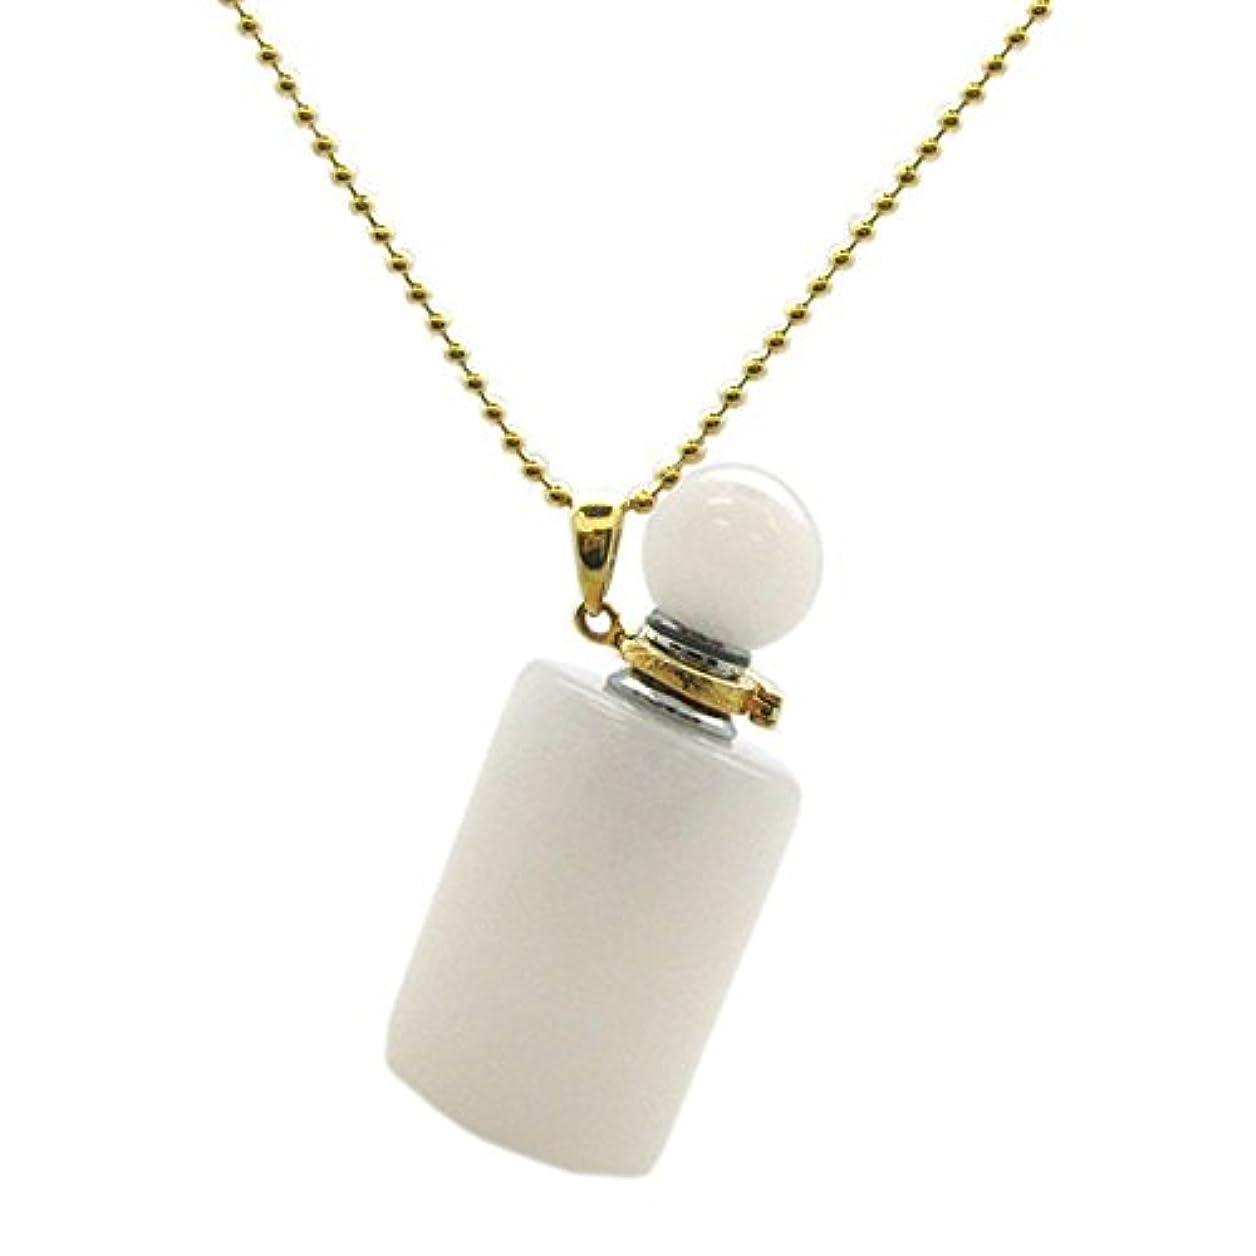 想像力オーブンファランクスケイトAvenue Gold over Sterling Silver Gemstone Aromatherapy Essential Oil Diffuserネックレス、香水とMosquito Repellentネックレス